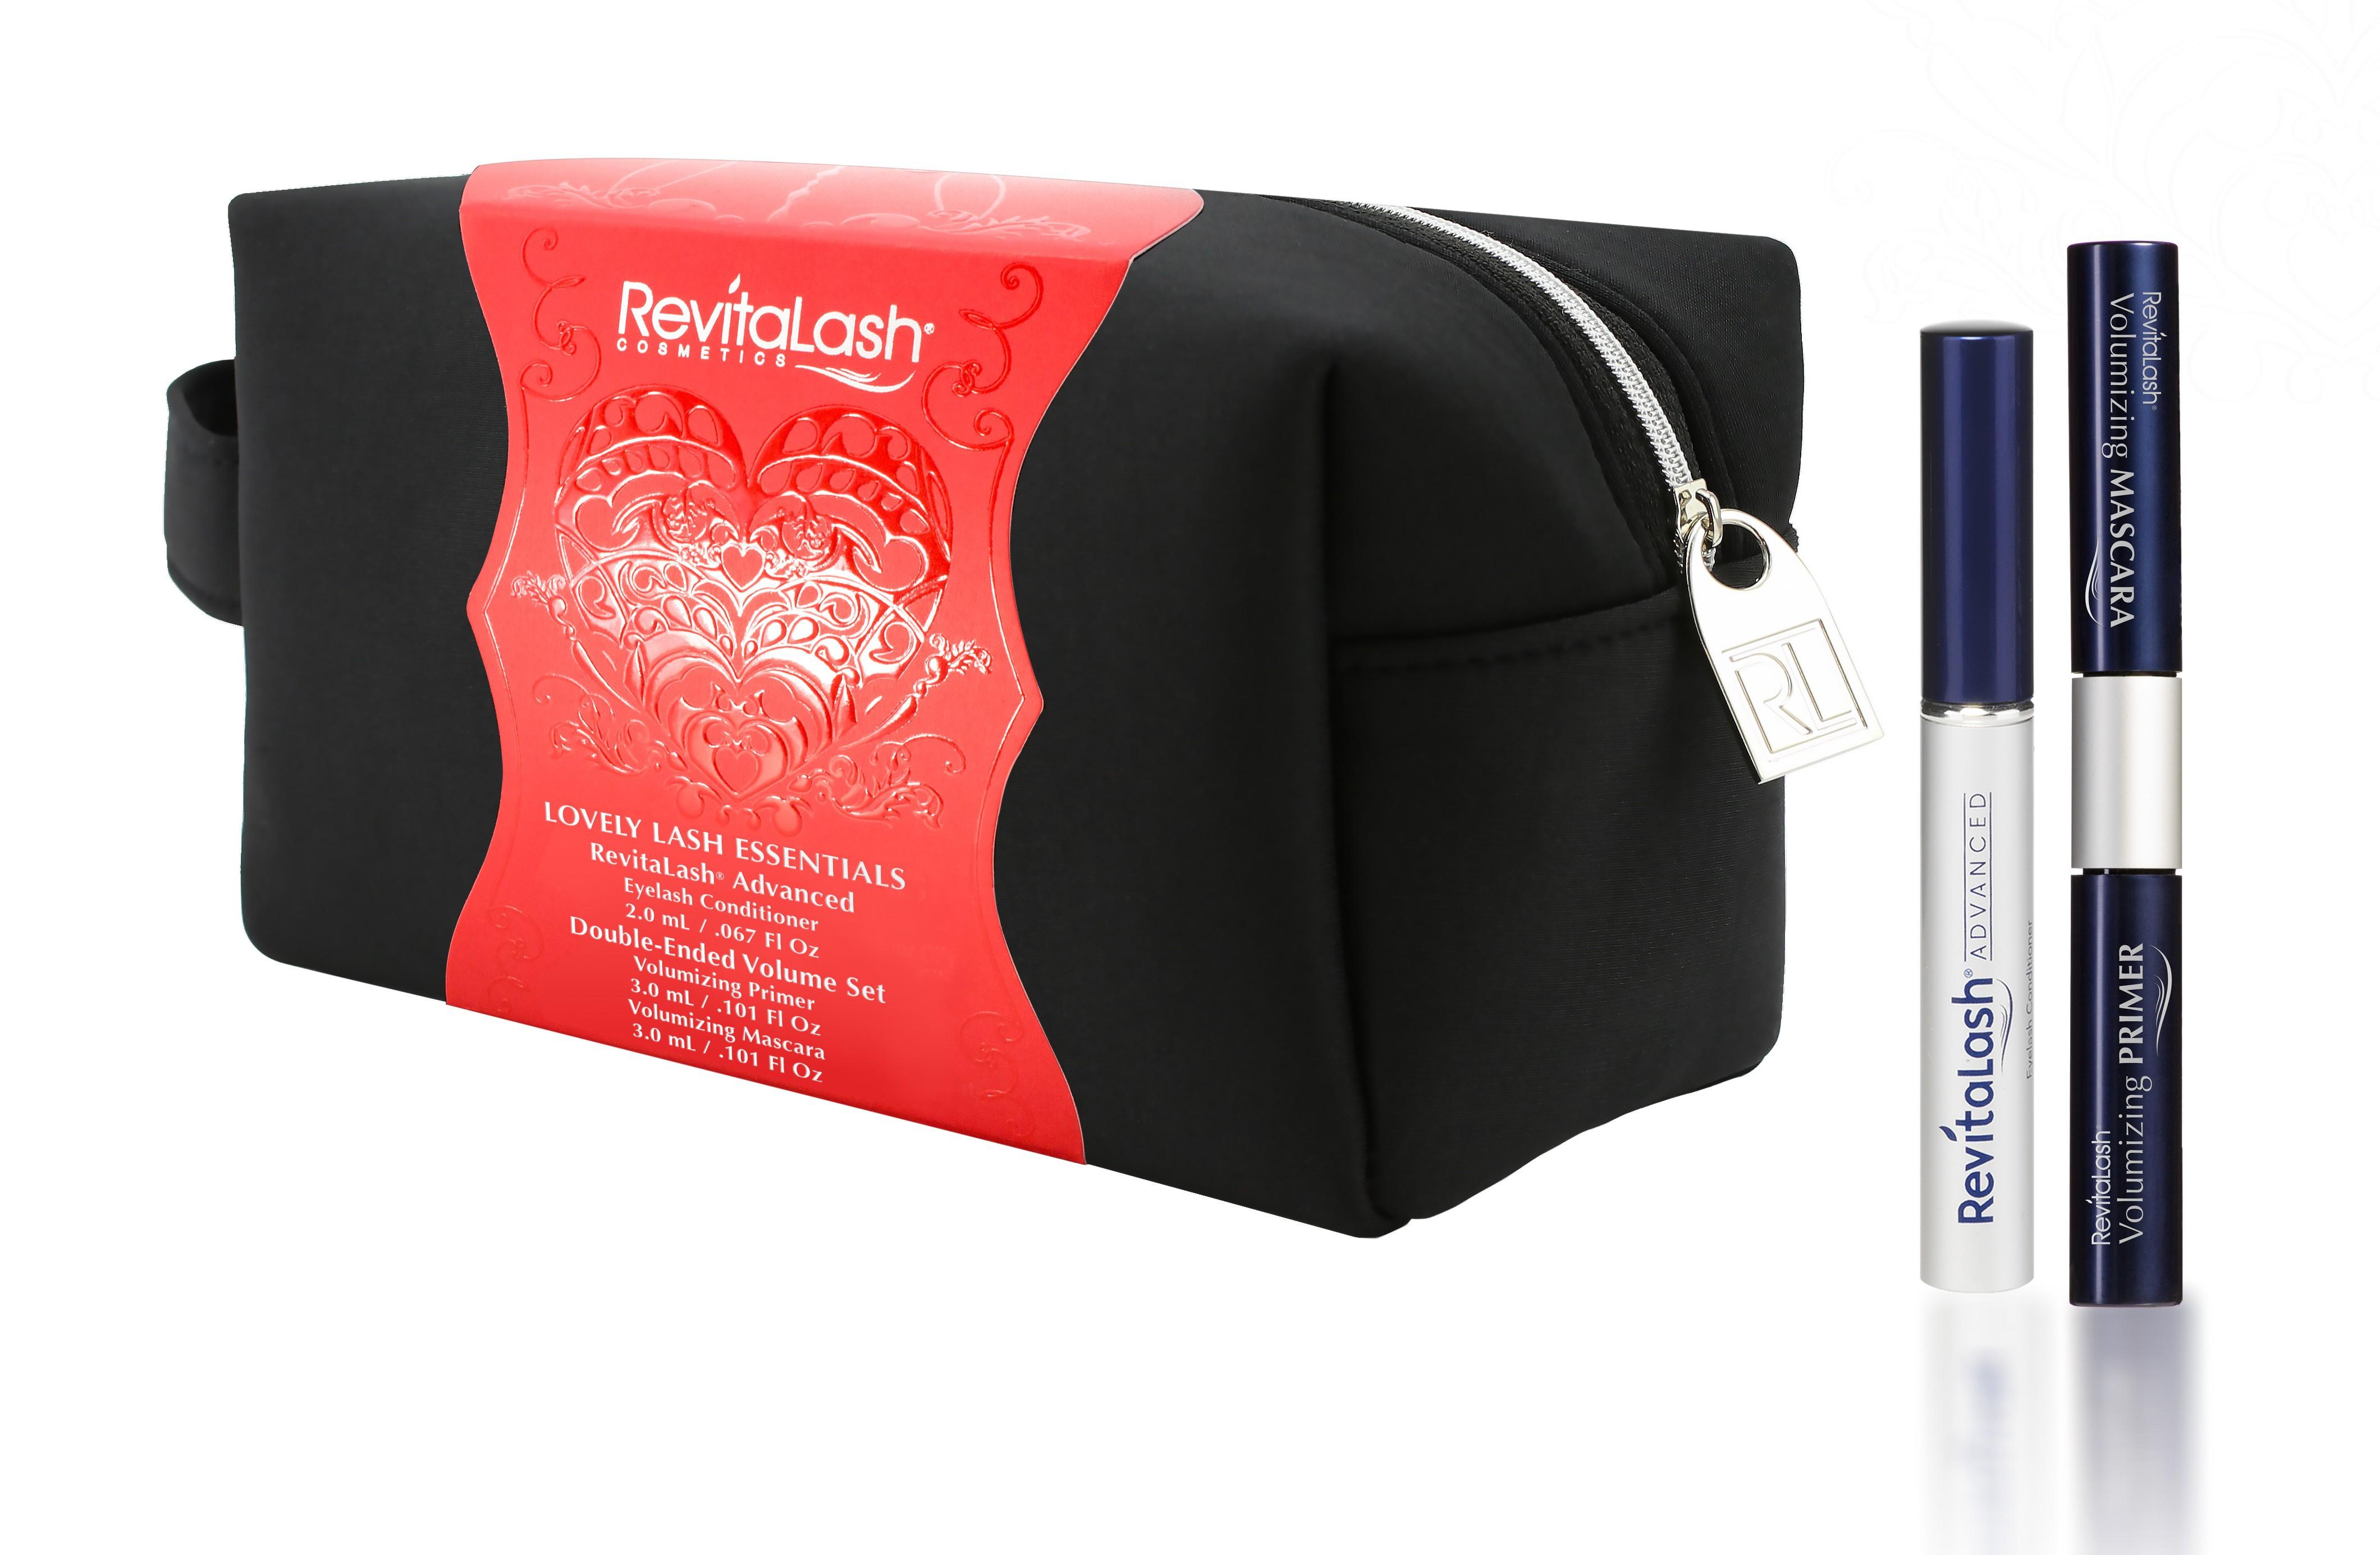 valentine promo bag eng 2.0 intnl hi-res